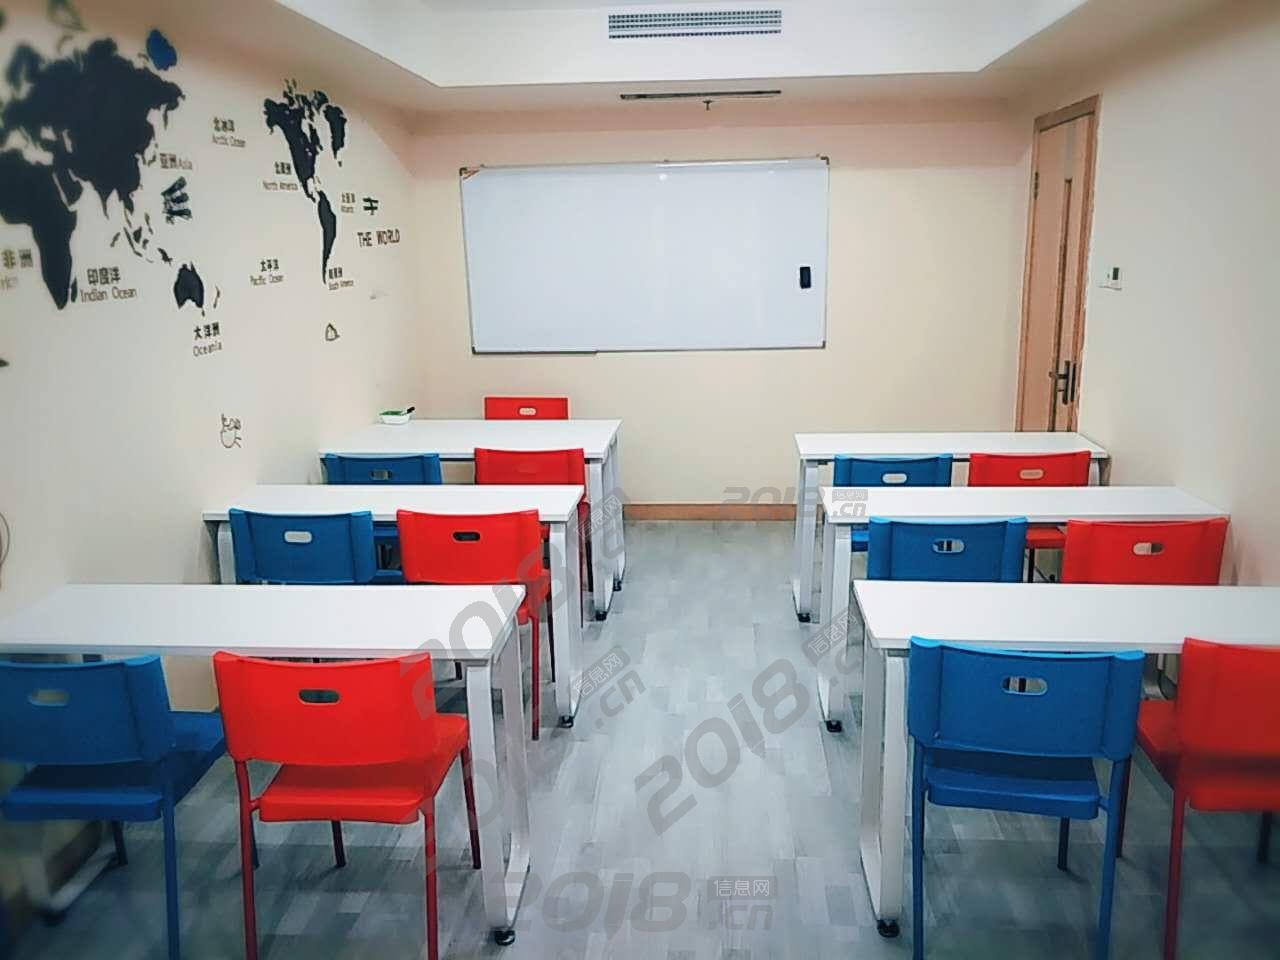 无锡日语能力测试日语零基础学习班朗学教育